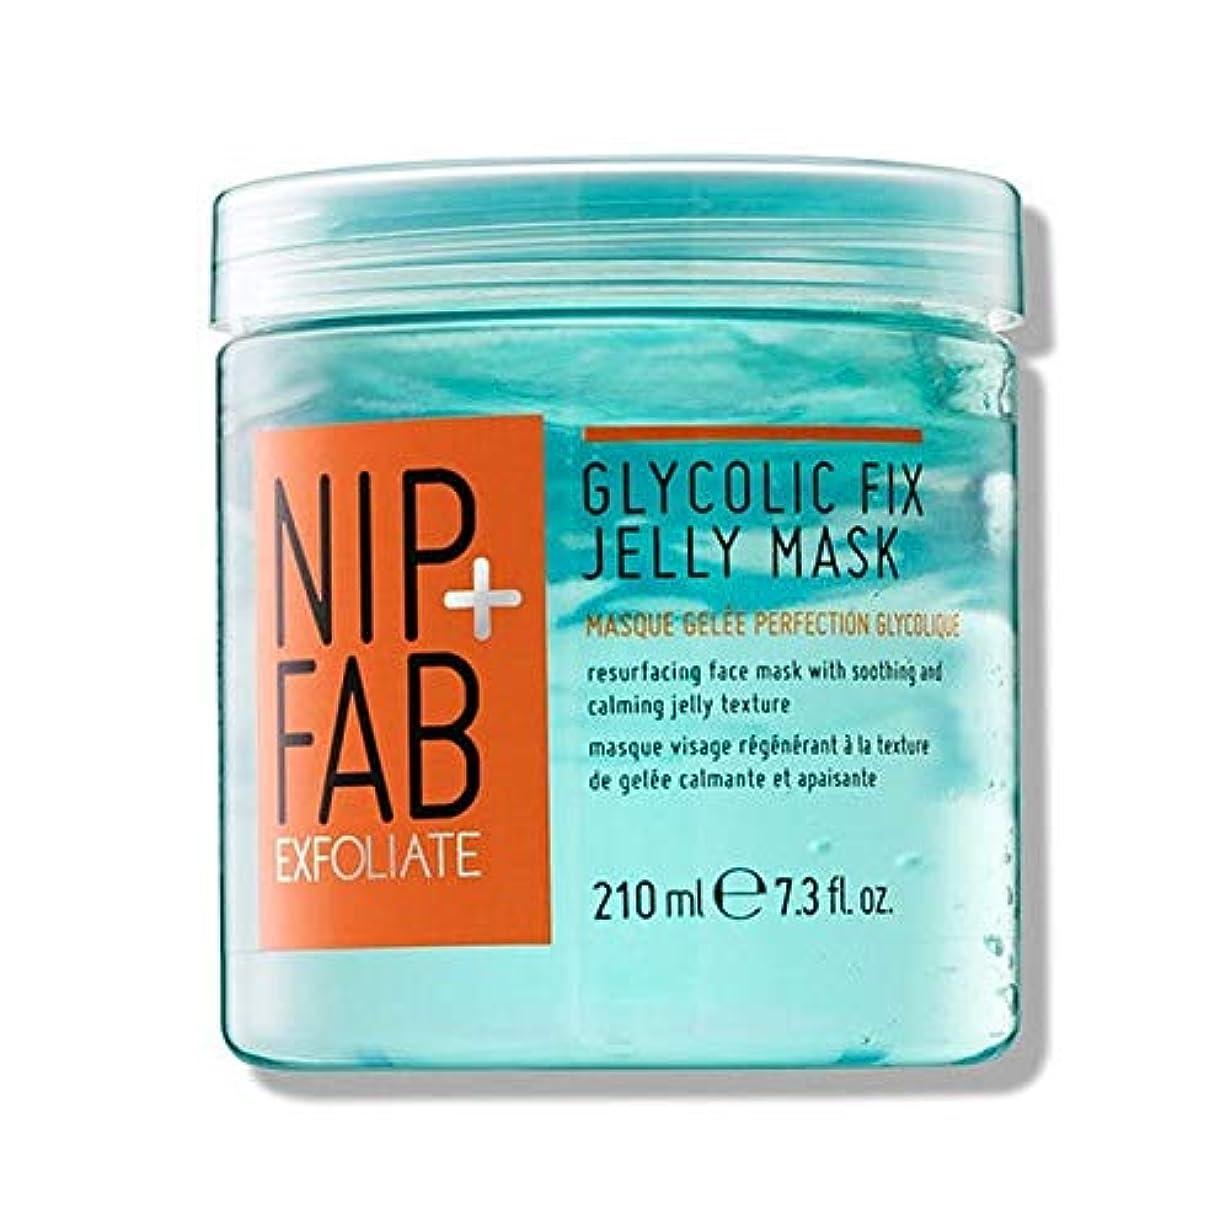 治世オーガニック梨[Nip & Fab] + Fabグリコール修正ゼリーマスク210ミリリットルニップ - NIP+FAB Glycolic Fix Jelly mask 210ml [並行輸入品]